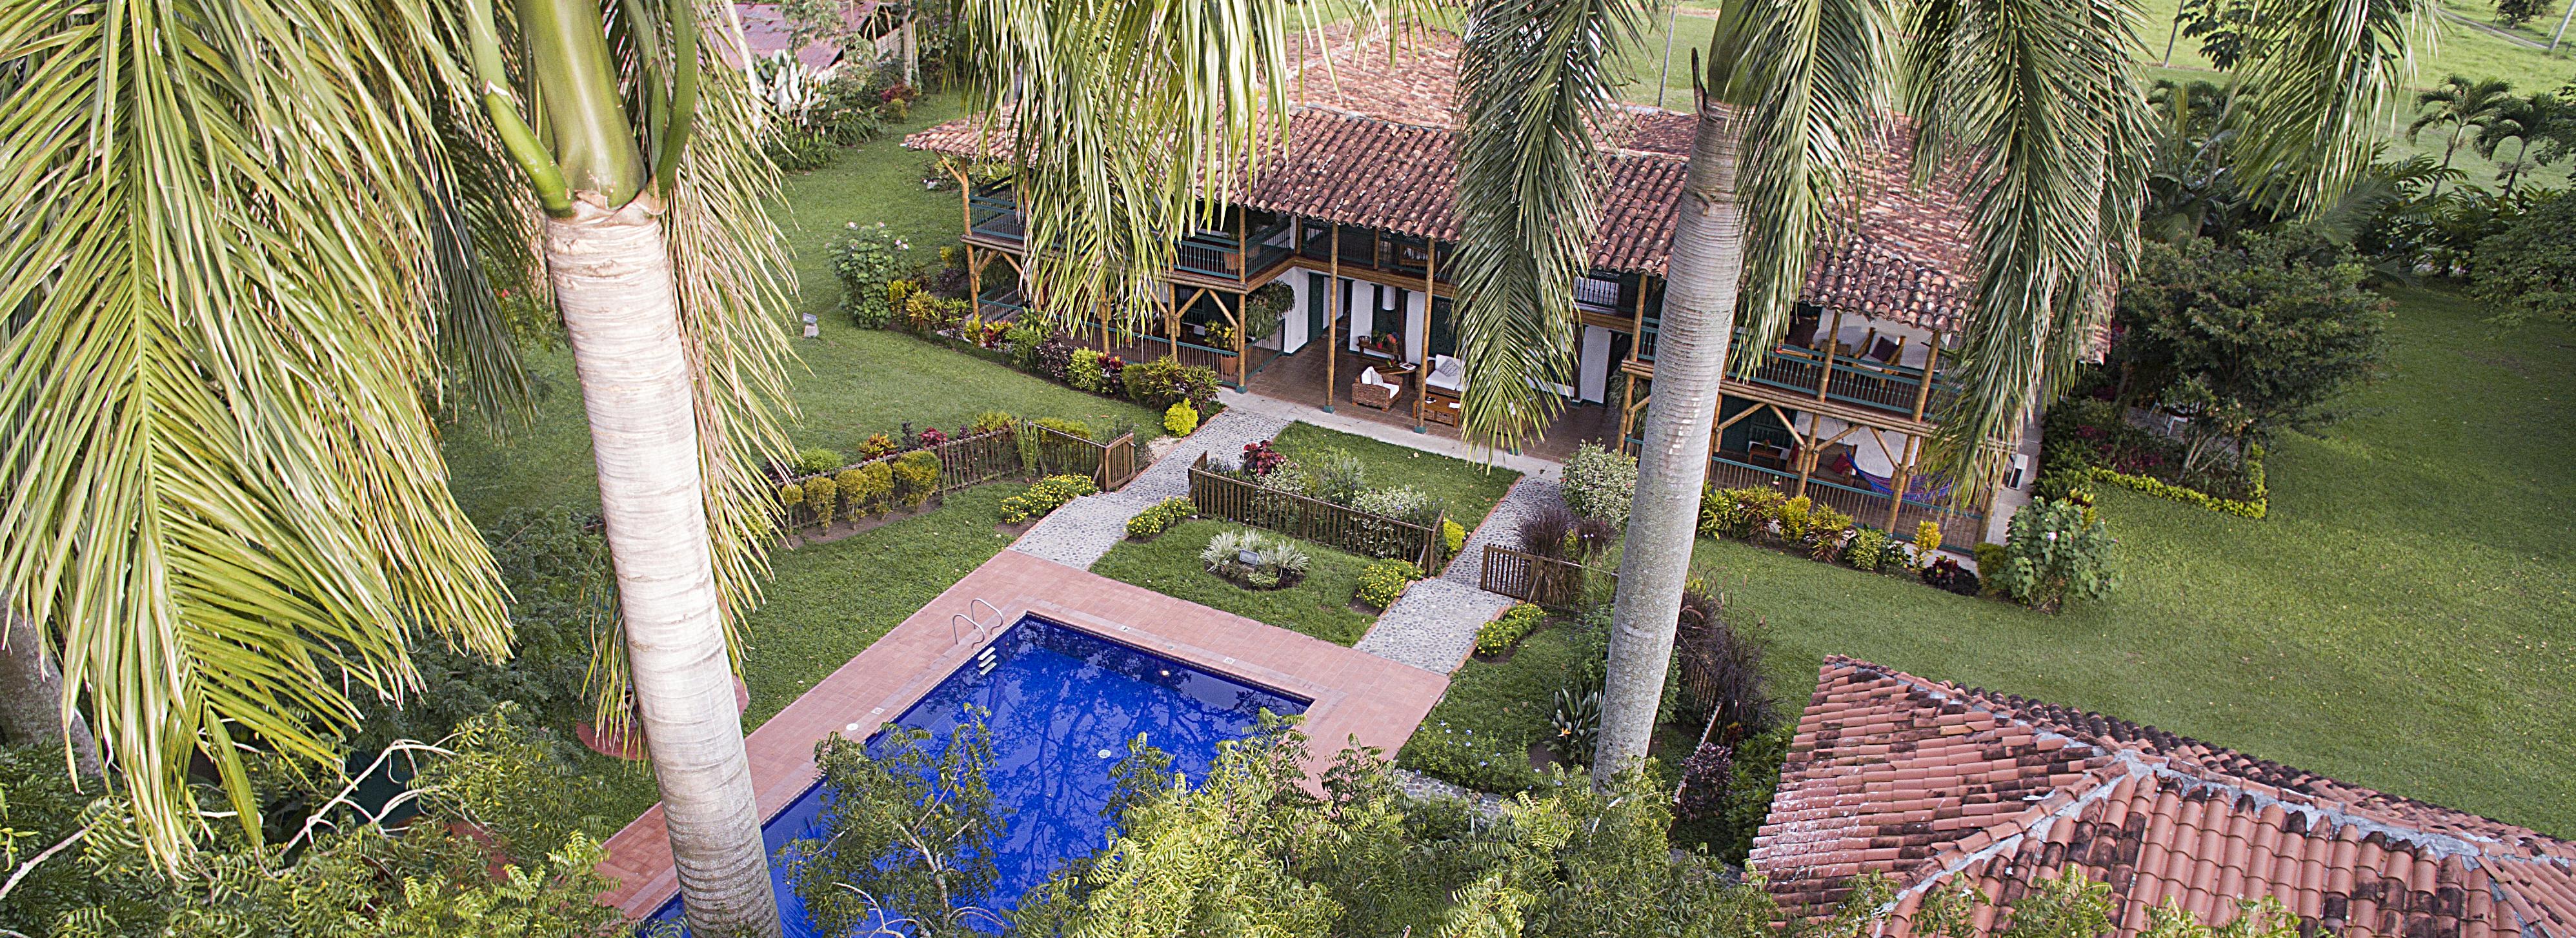 Hacienda-Bambusa-aerial